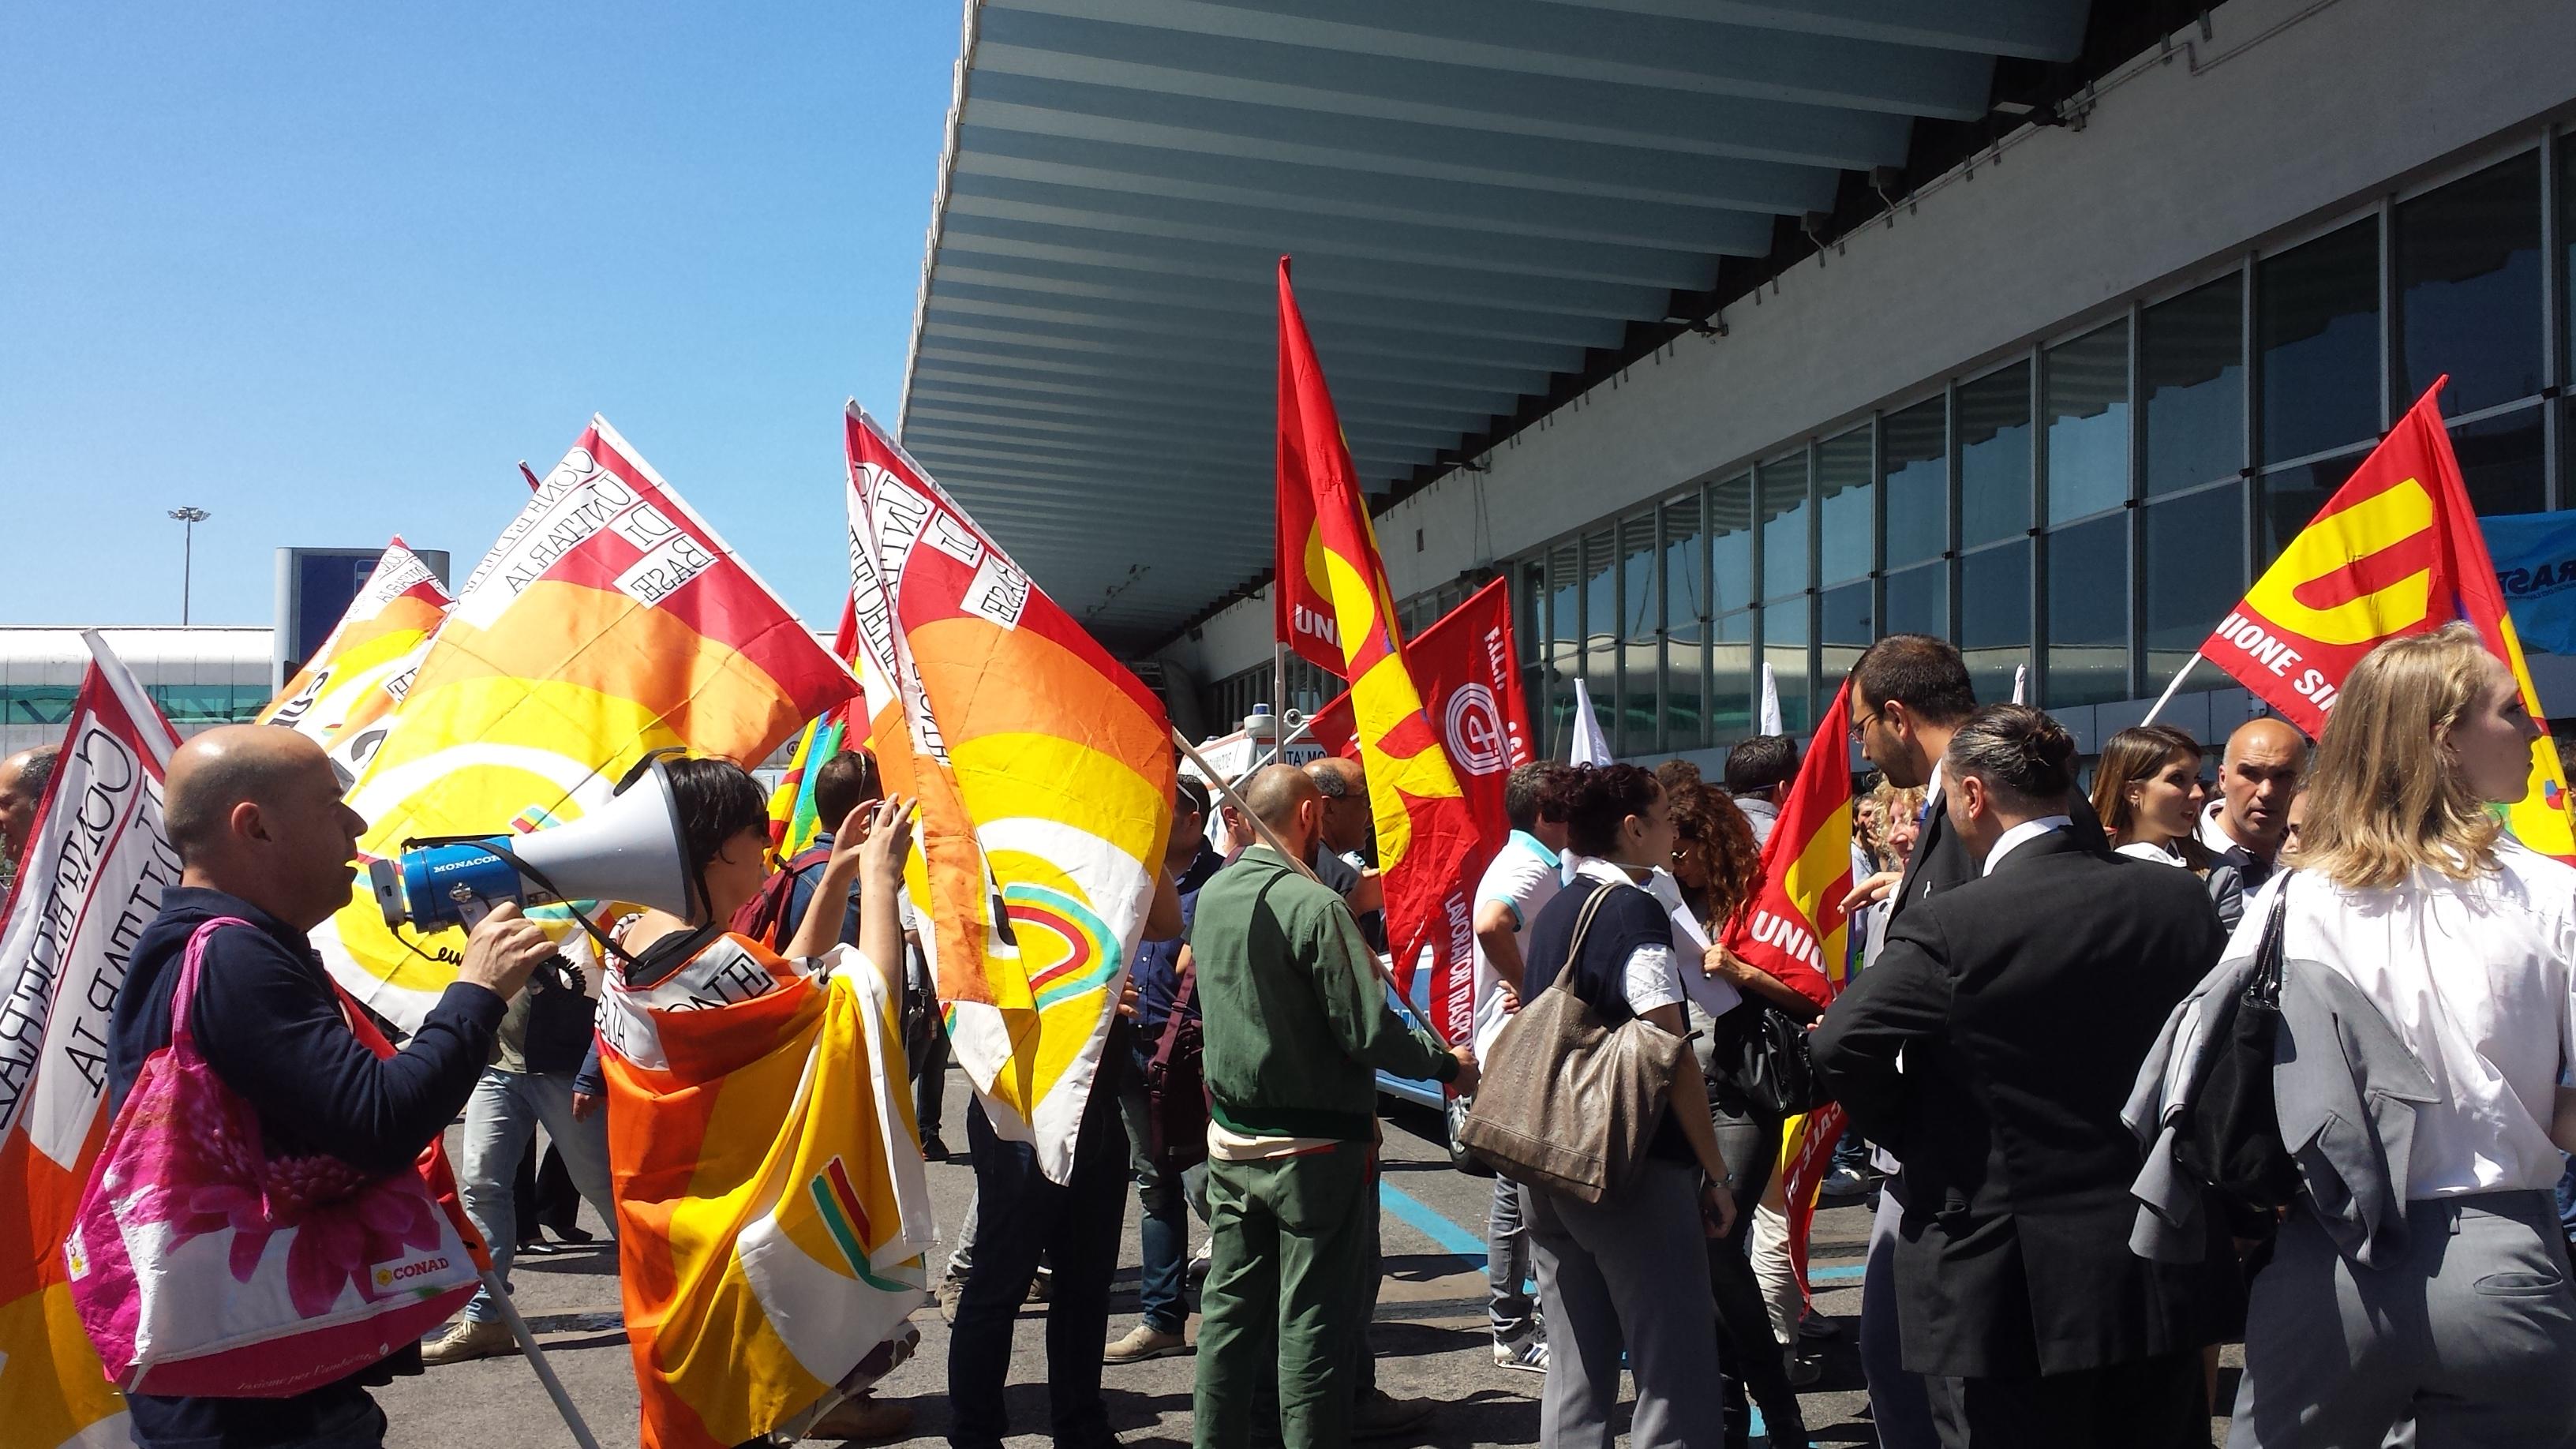 Incendio a Fiumicino: oggi alle 17 incontro in prefettura. Gli operatori aeroportuali scioperano dalle 11 di questa mattina